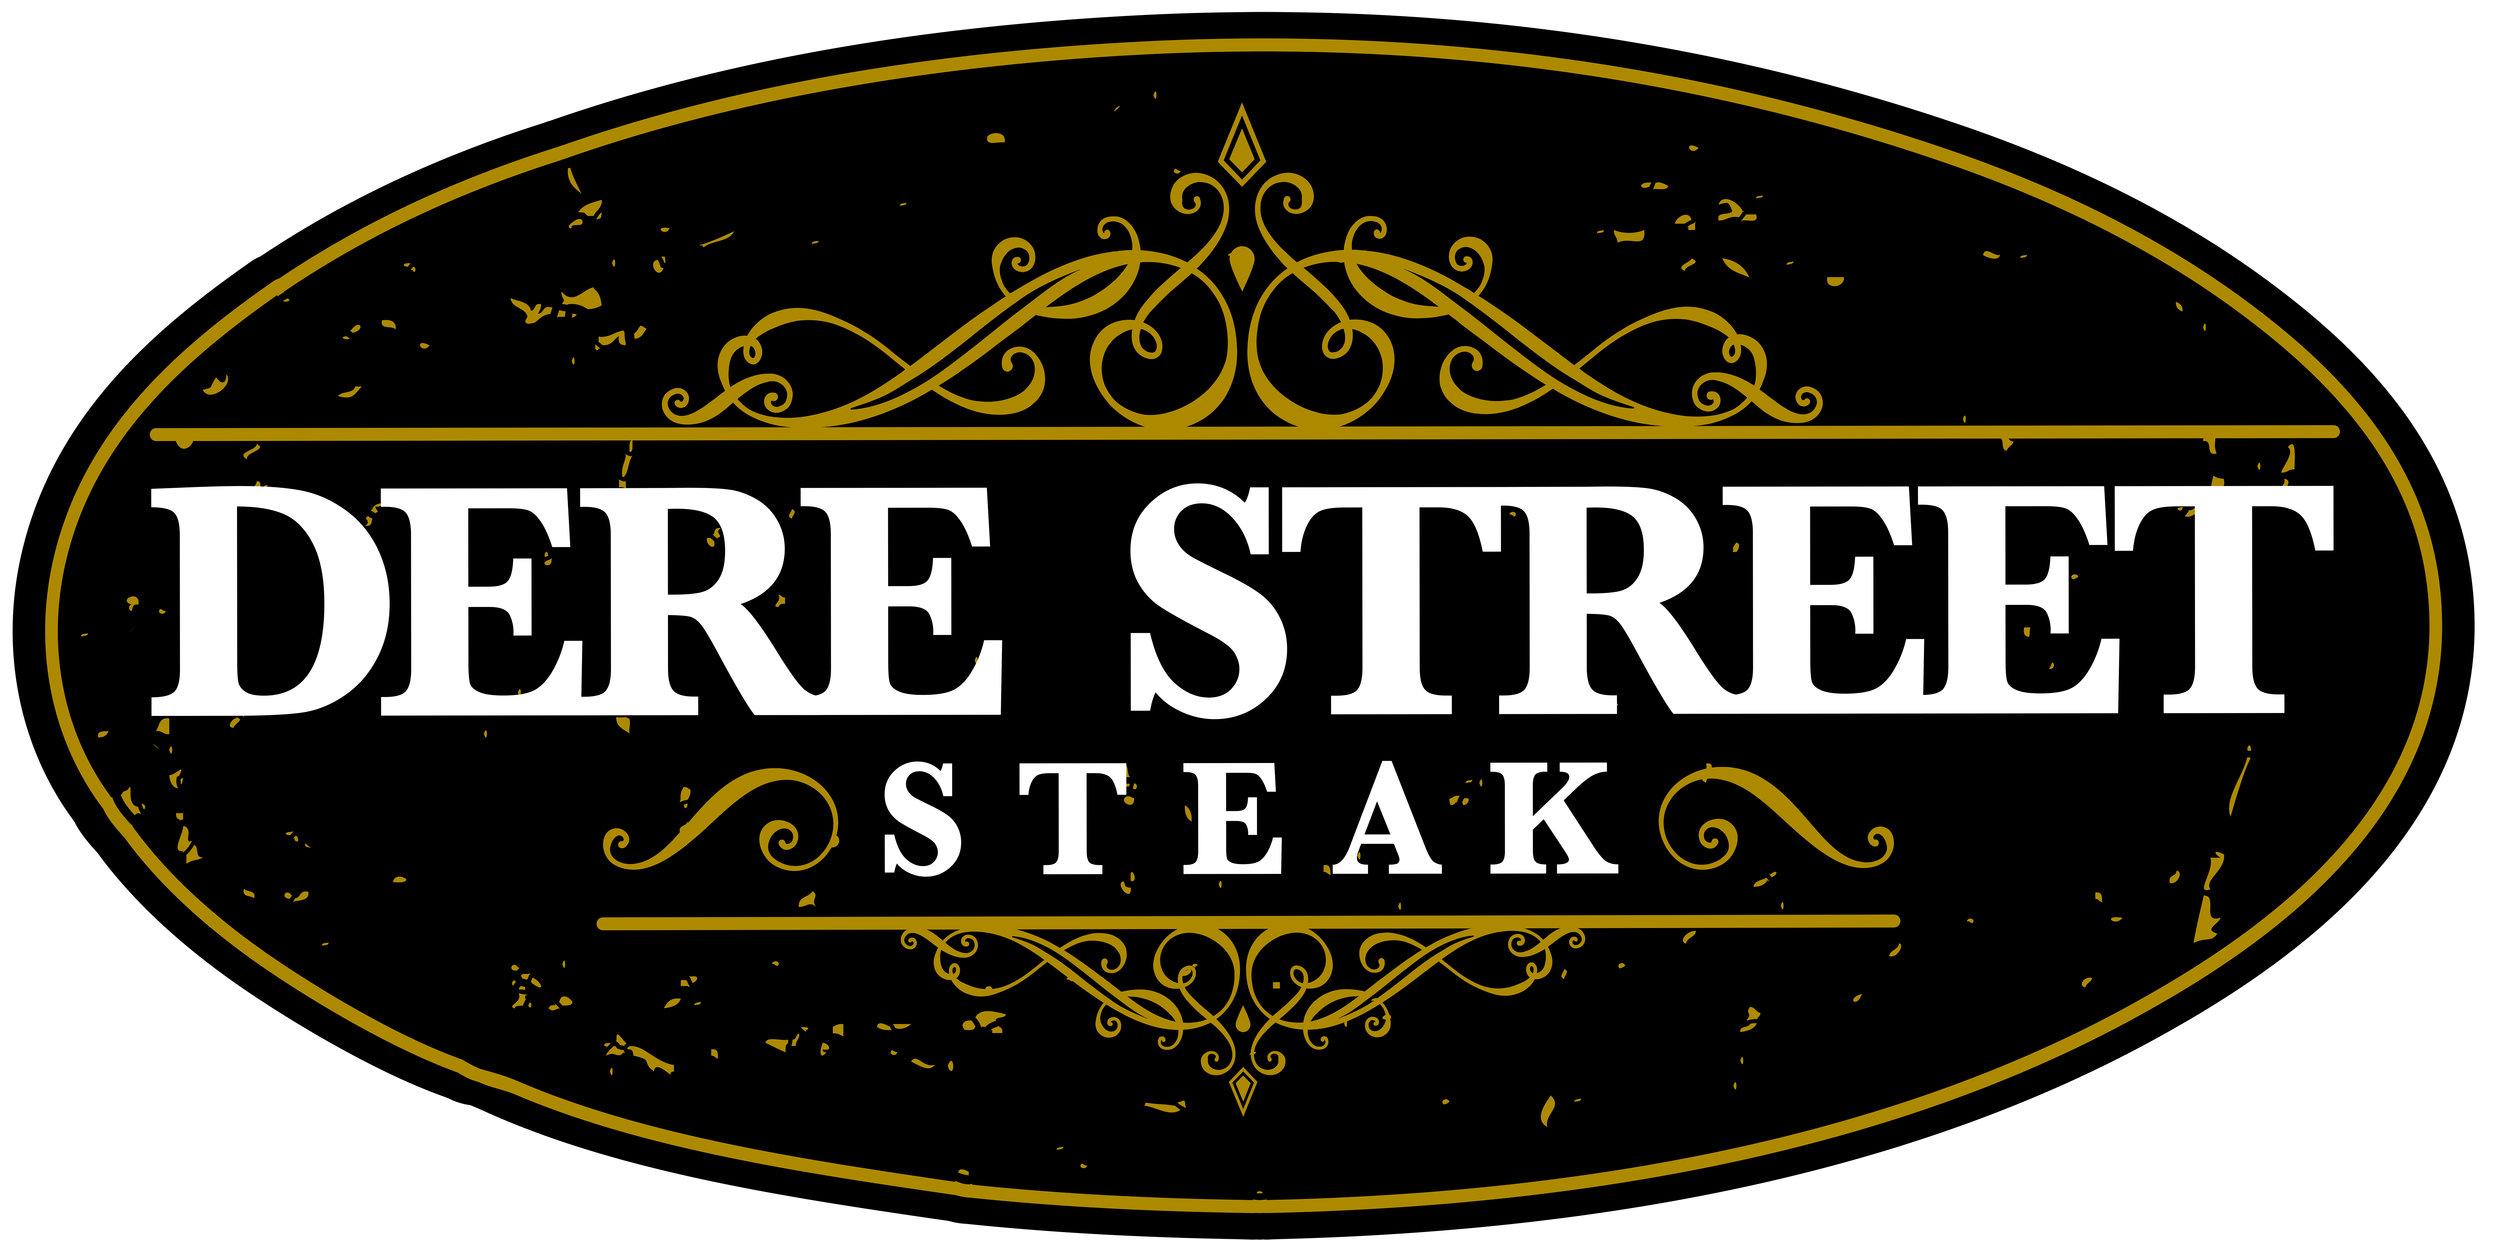 Dere Street Steak Newtown, CT.jpg